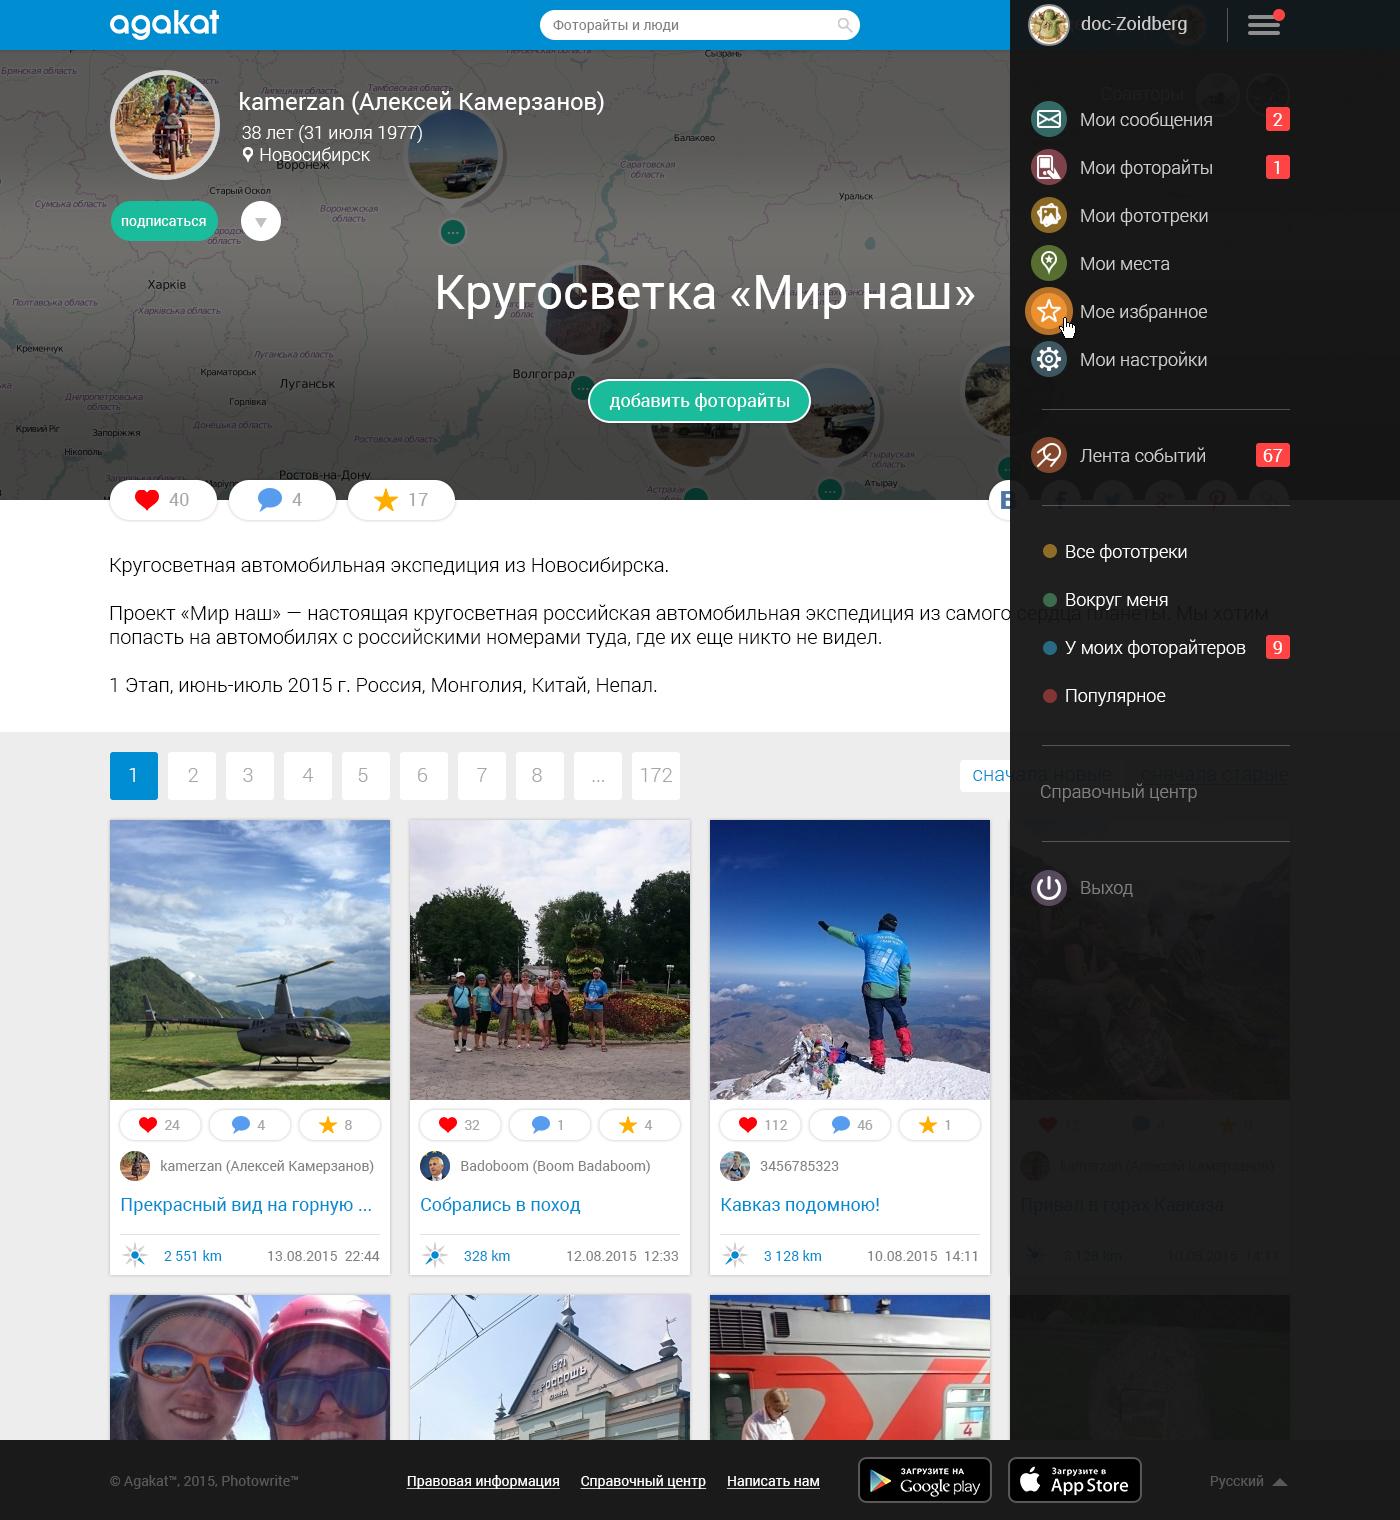 Сайт Agakat